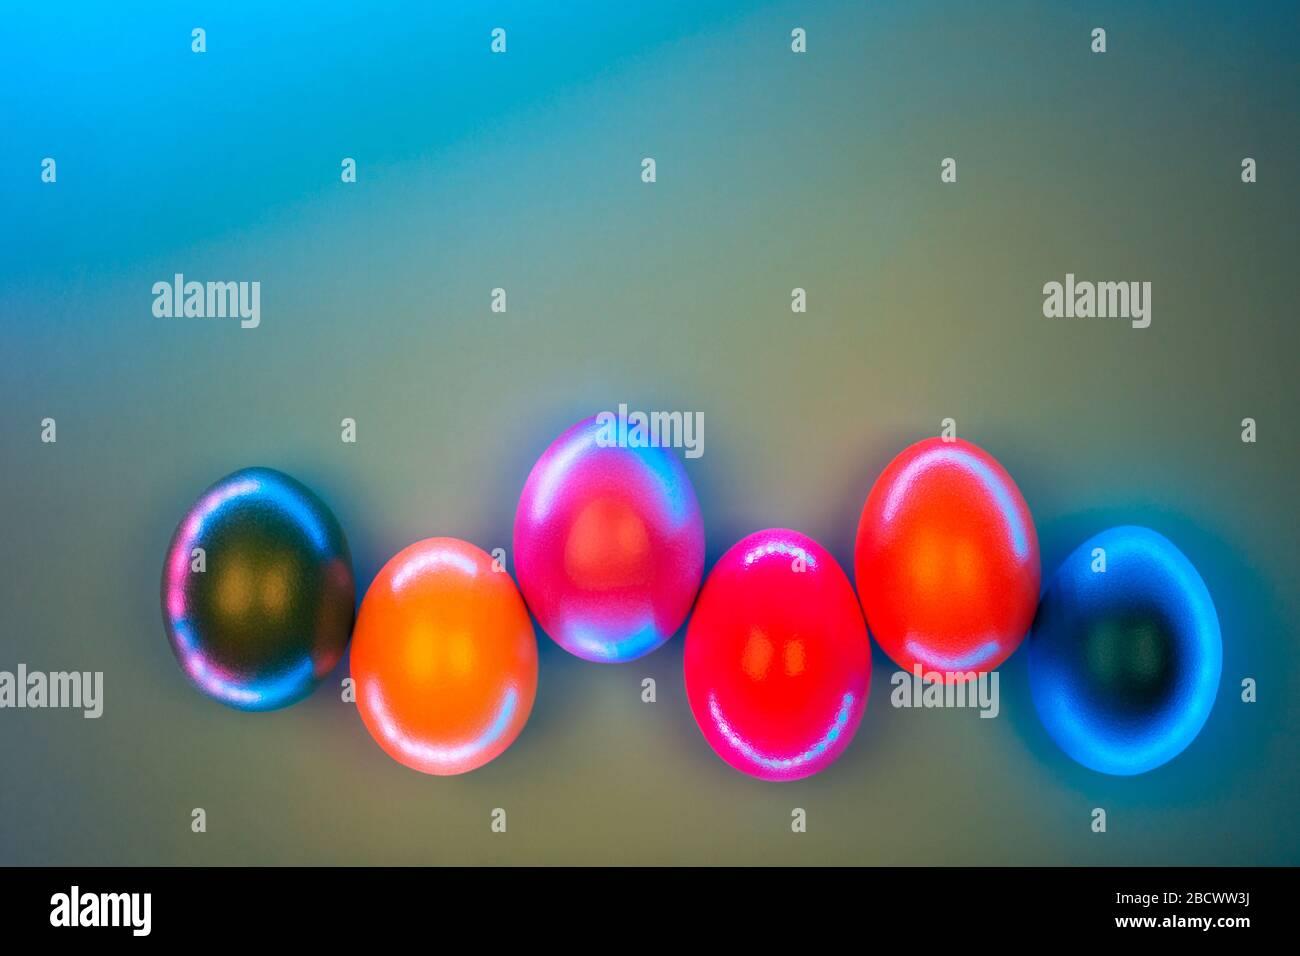 Creative photo d'oeufs colorés en néons sur fond gris. Concept de Pâques. Mise à plat de style. Banque D'Images